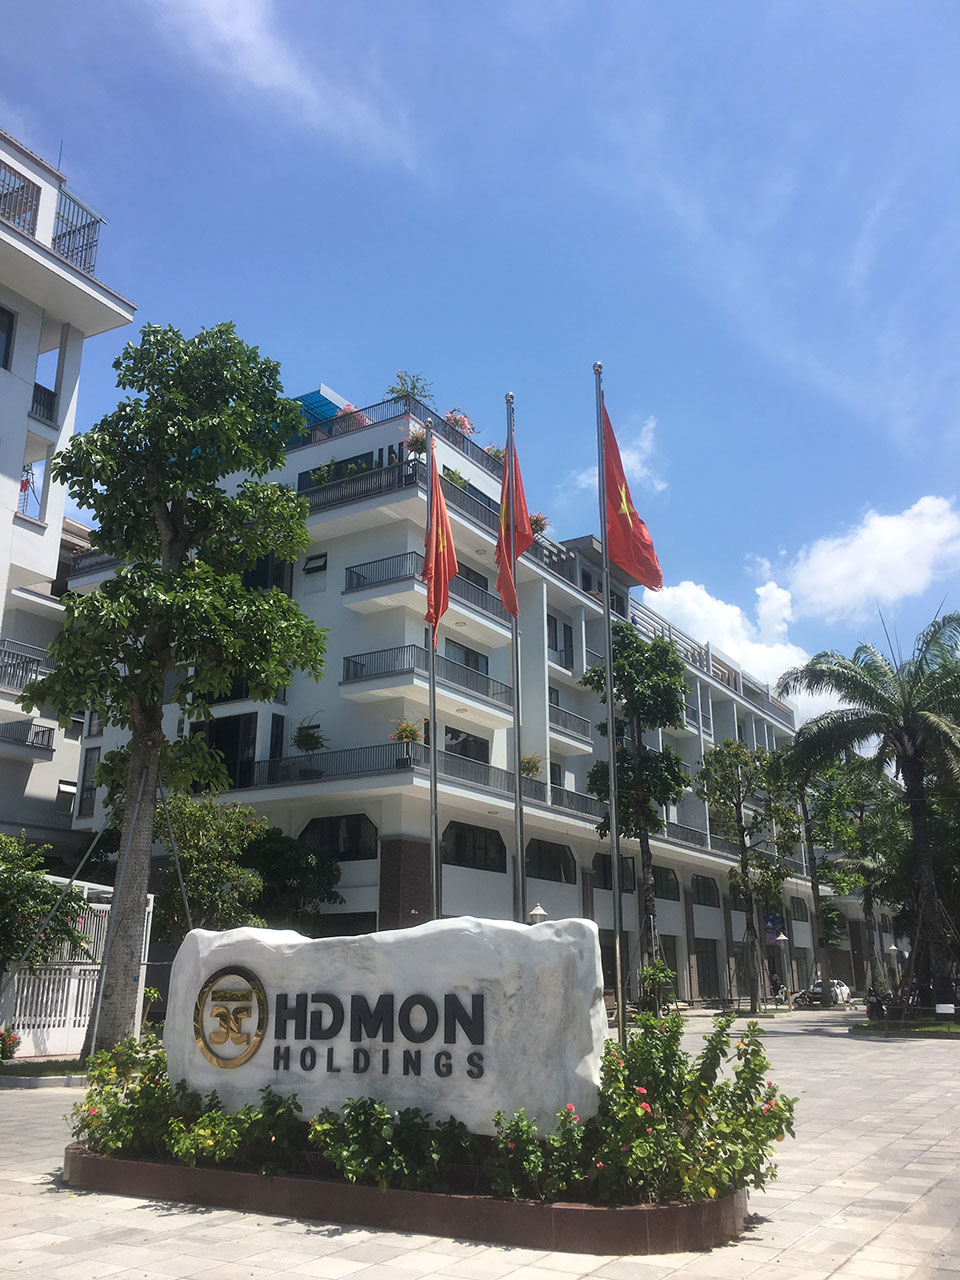 Nhà anh Hiển thuộc dự án HD Moon Holdings - TP Hạ Long Quảng Ninh